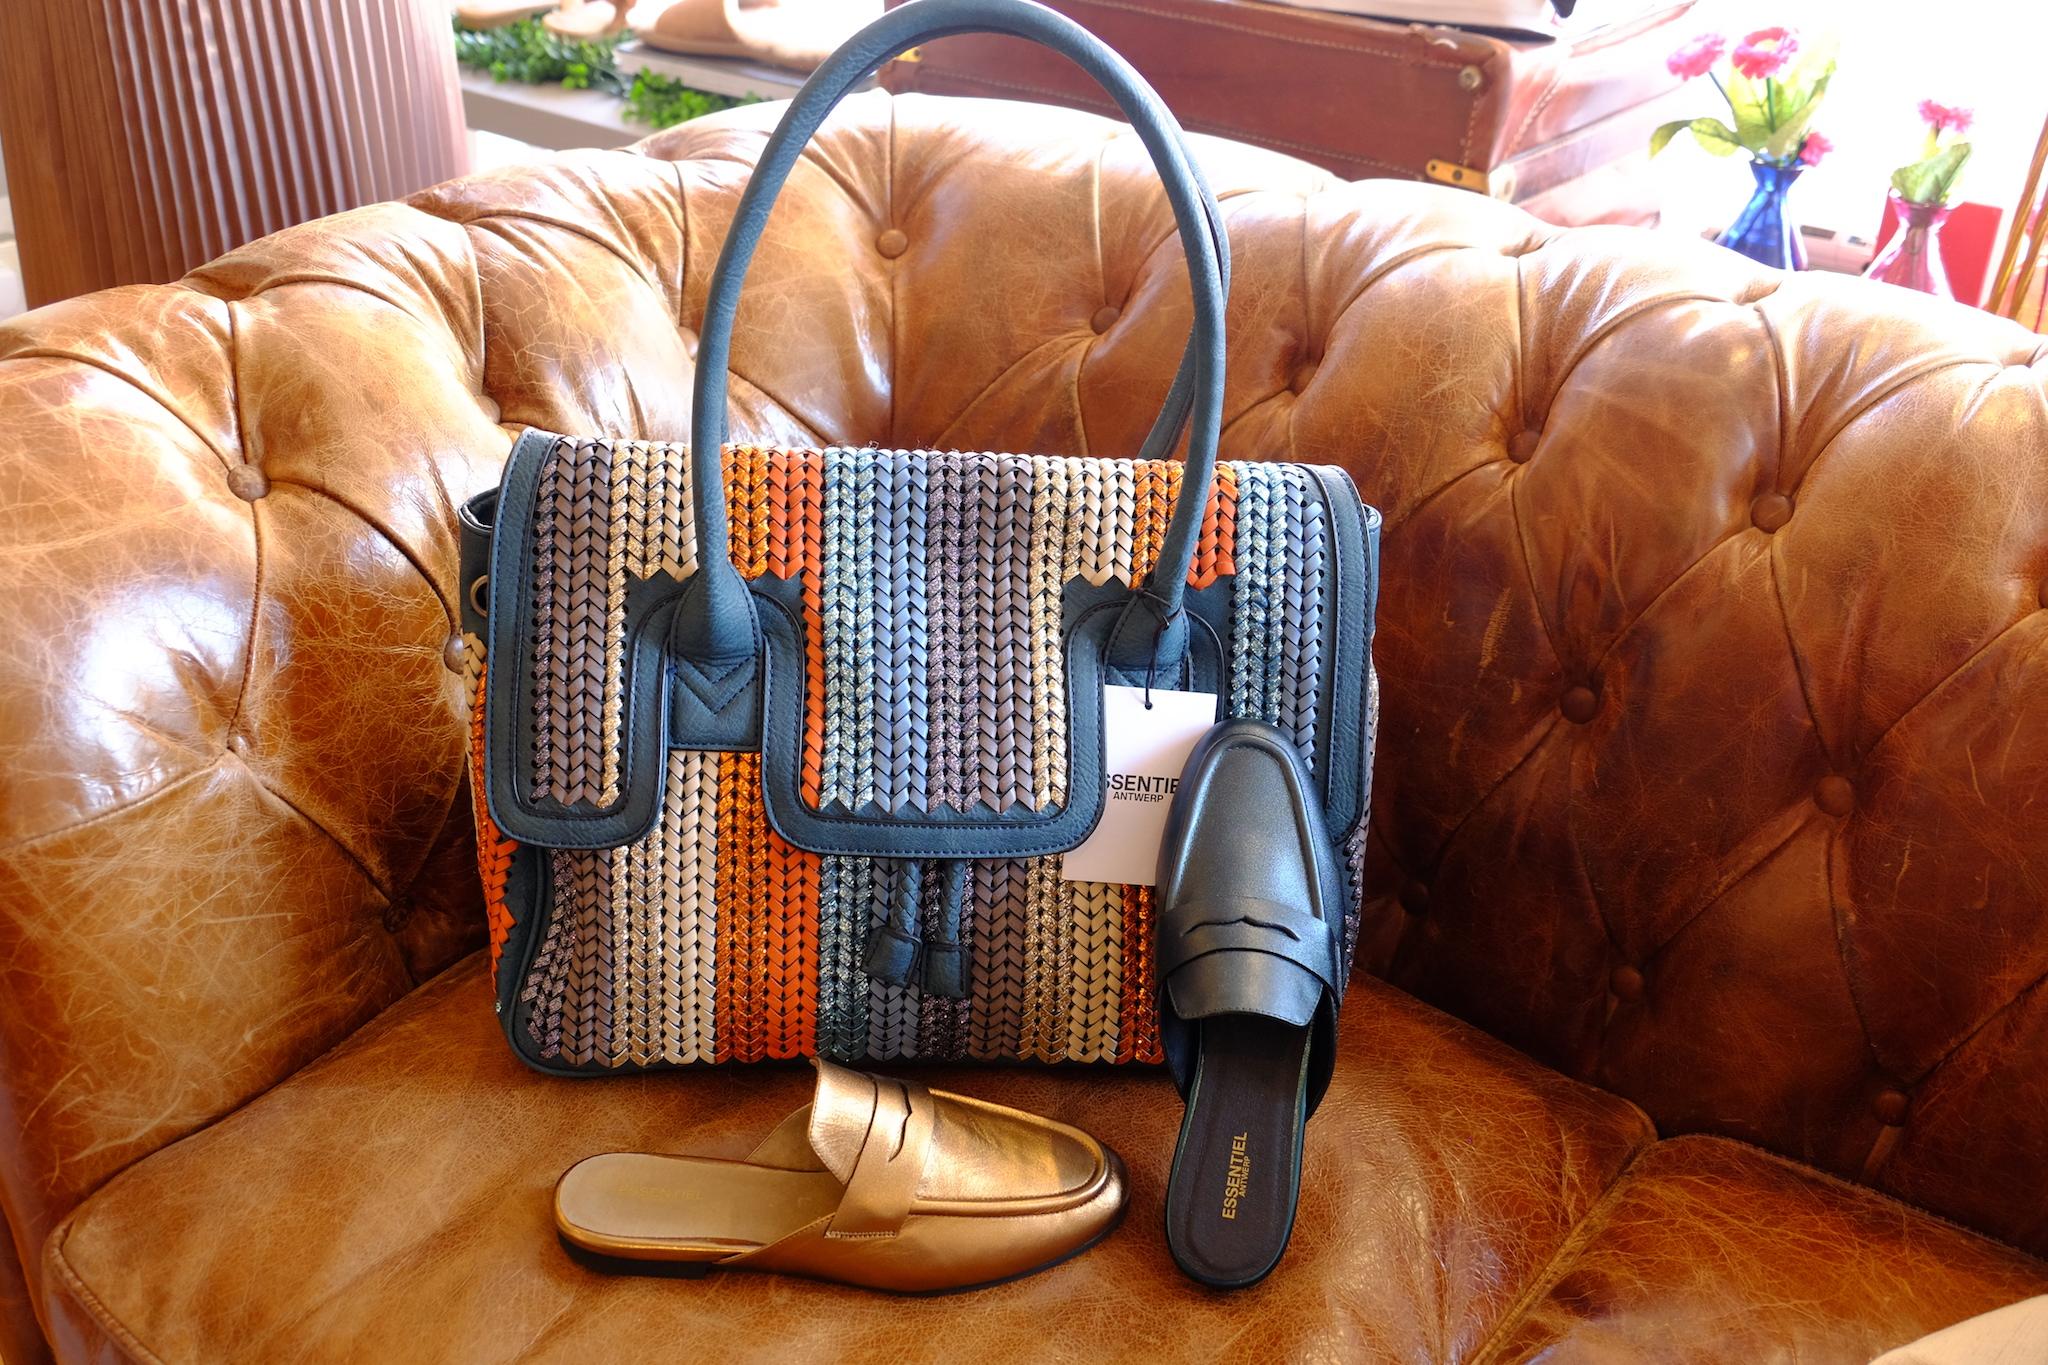 Essentiel bag, Essentiel Fashion, My Fitch Düsseldorf, My-Fitch.com, Fashion-Blog, Lieblingsstil.com